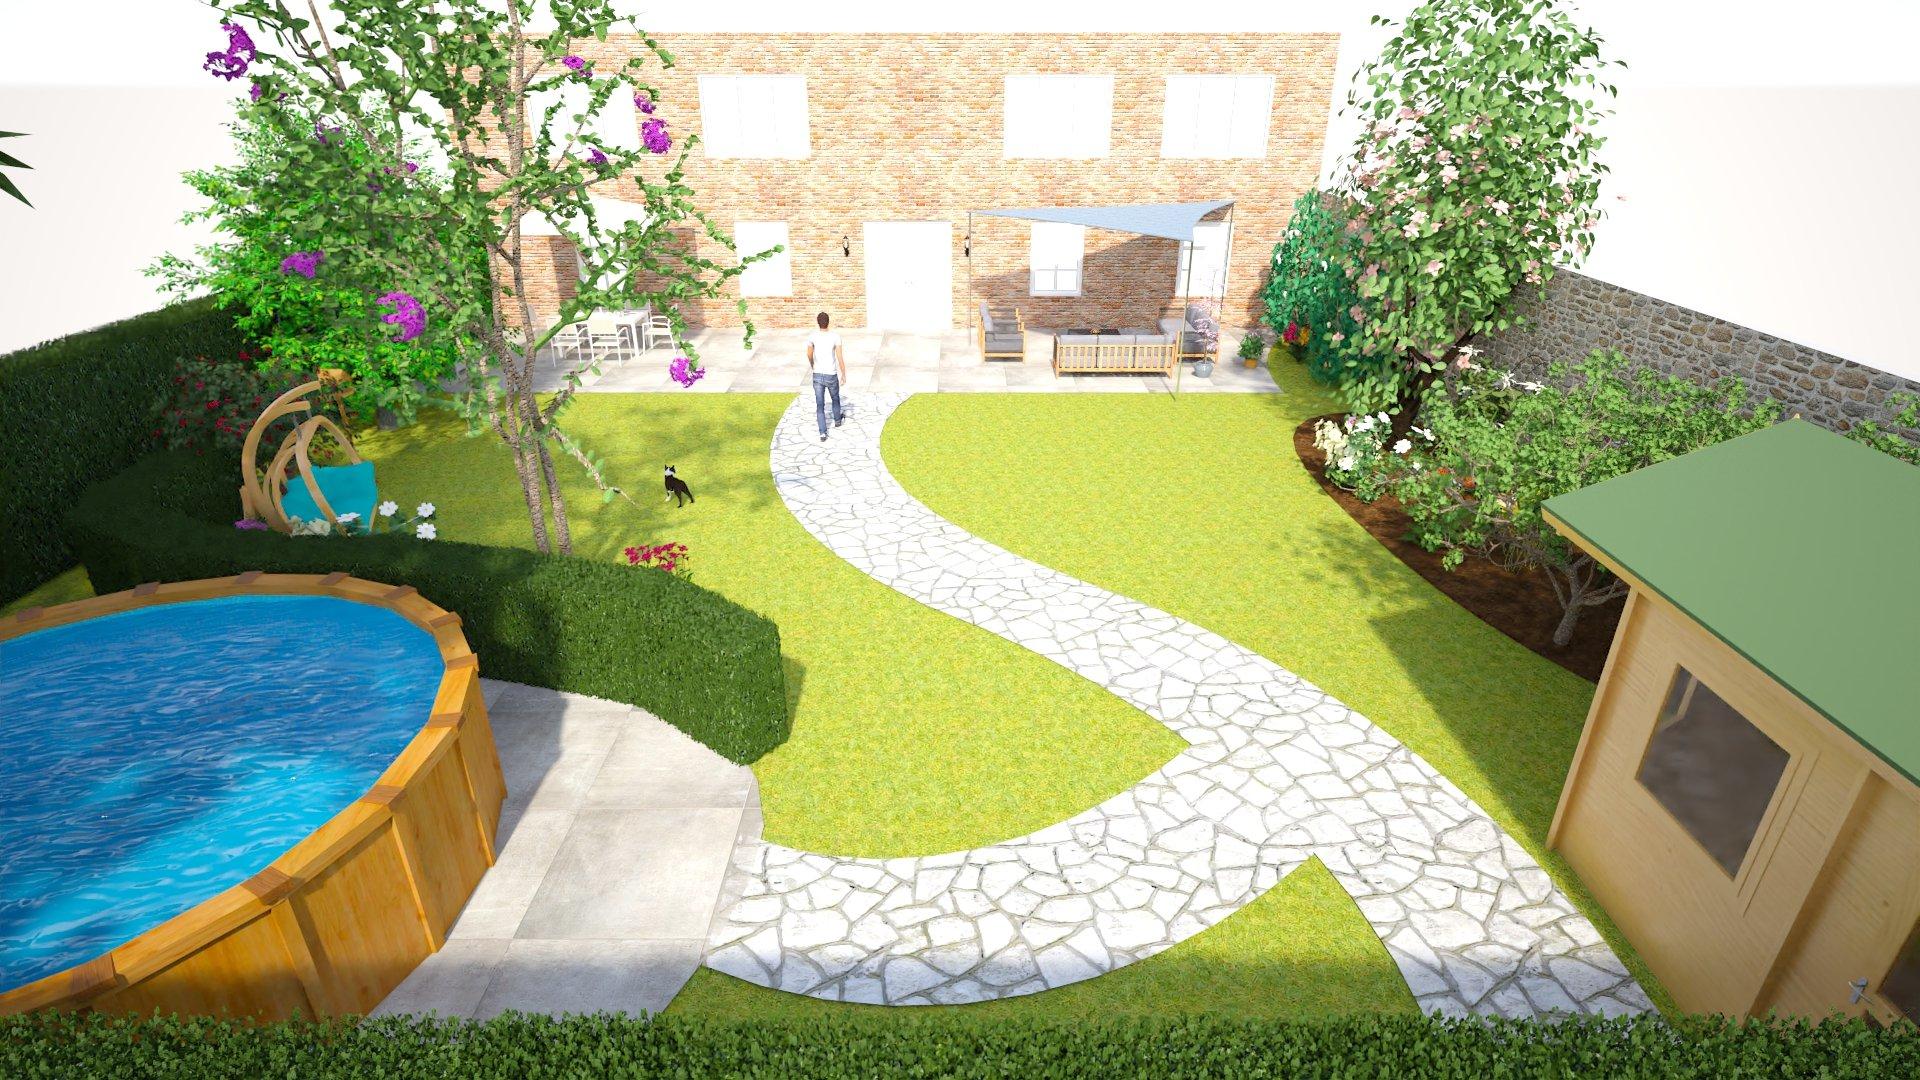 garden-3d-render-floorplanner